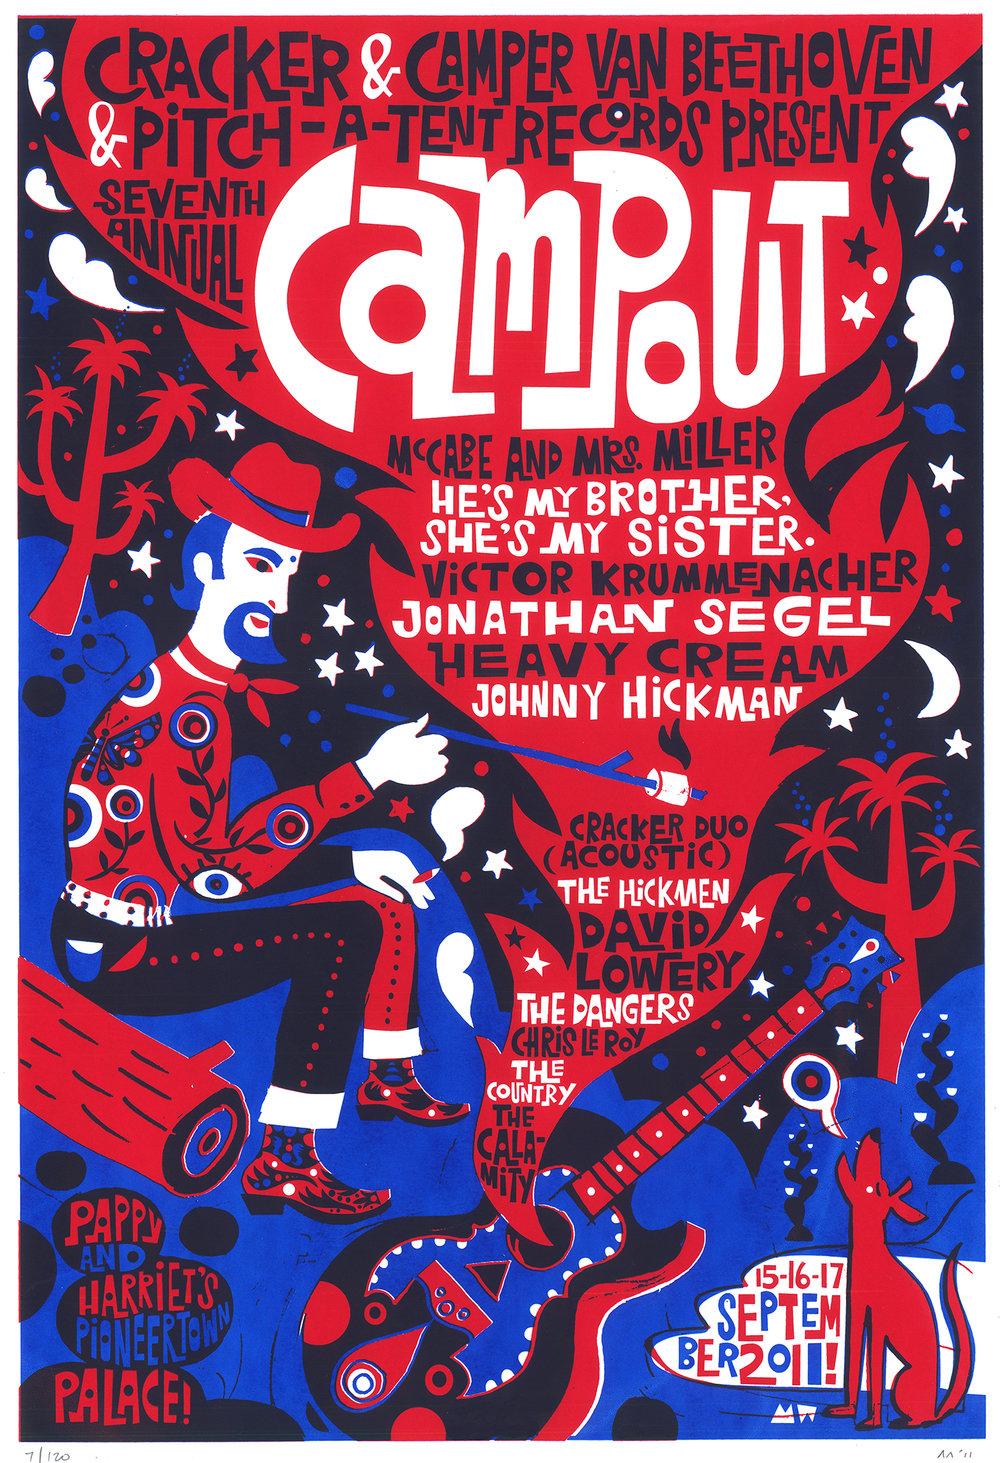 Campout 2011